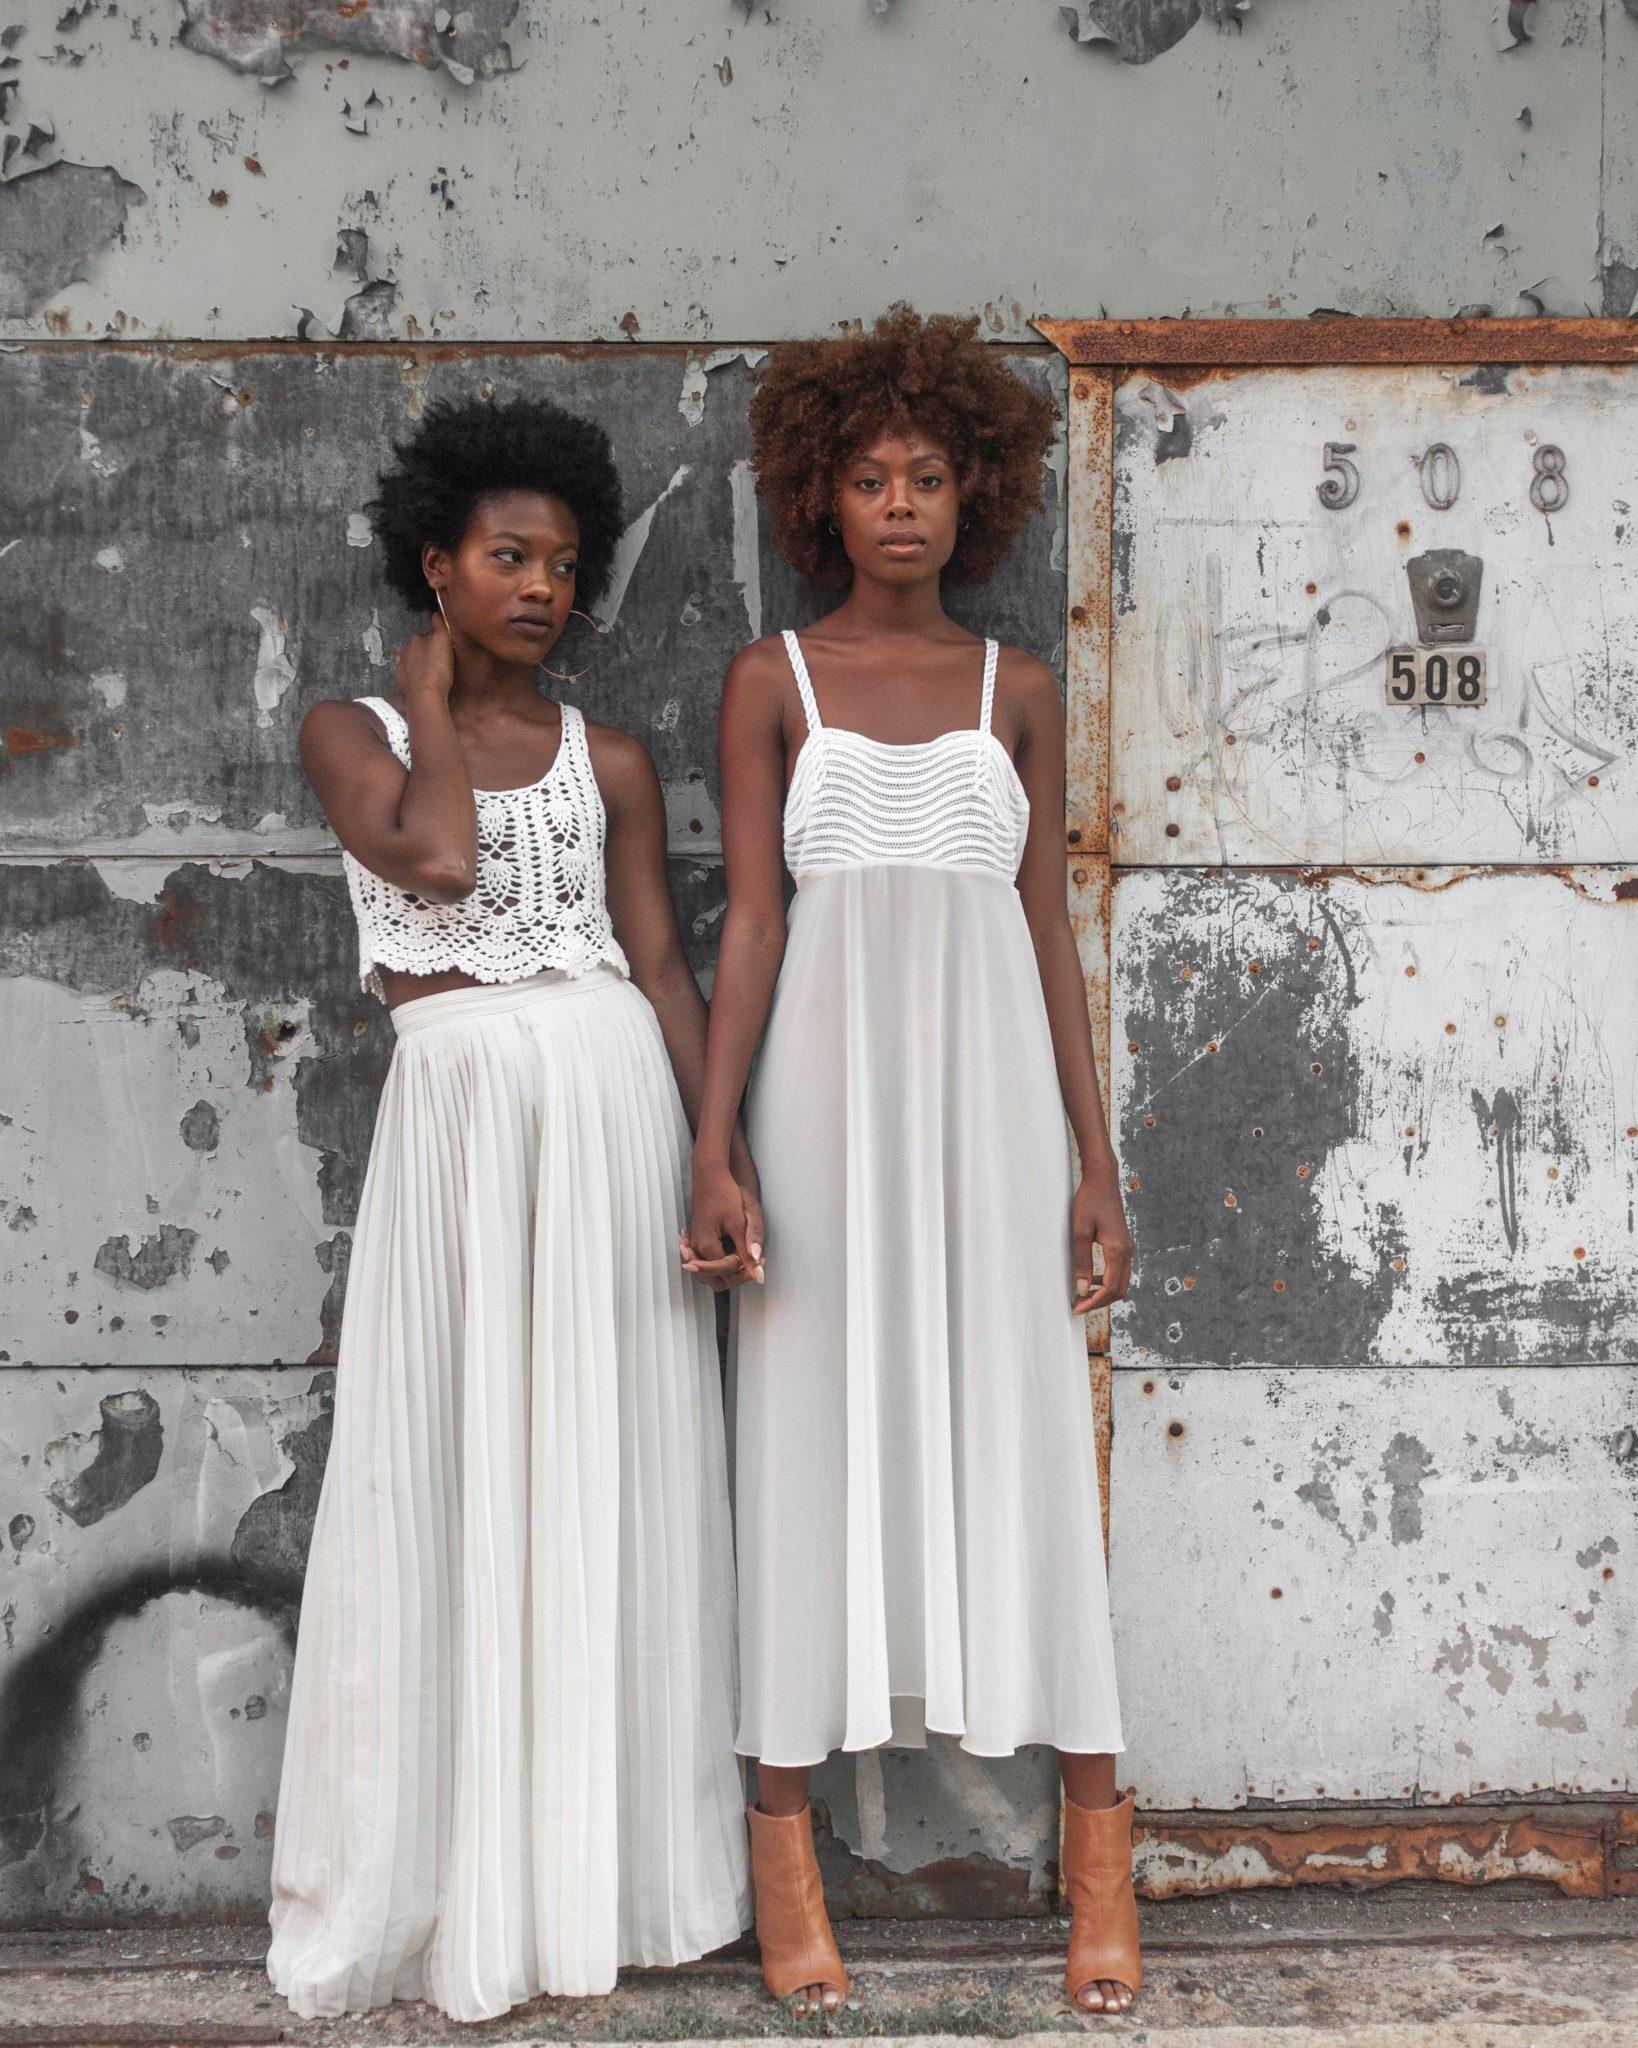 aad401747a22b Women wearing bohemian clothing